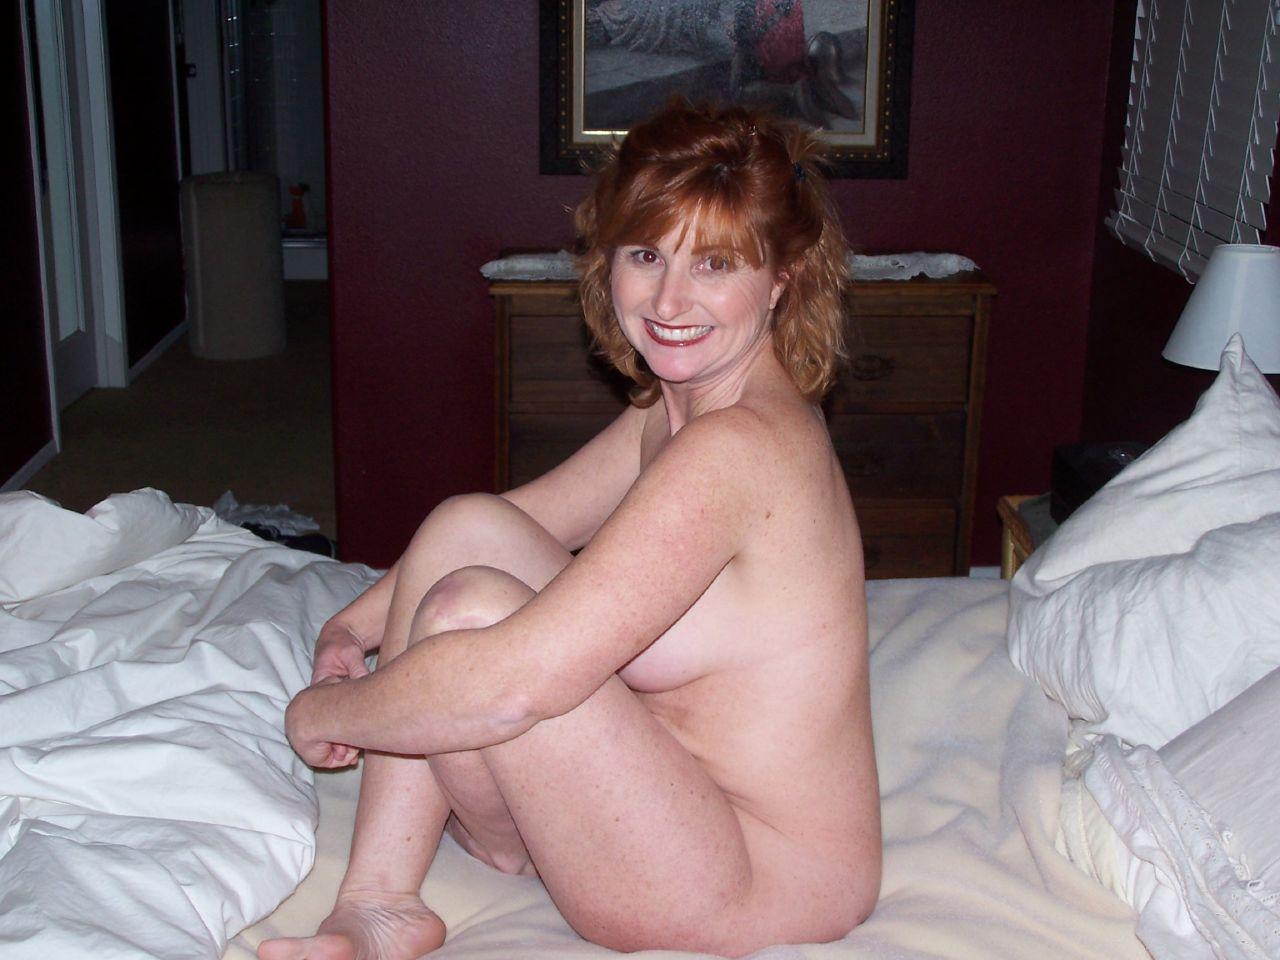 Mujeres Desnudas Cuarentonas mi primera madura desnuda mujeres corrientes desnudas